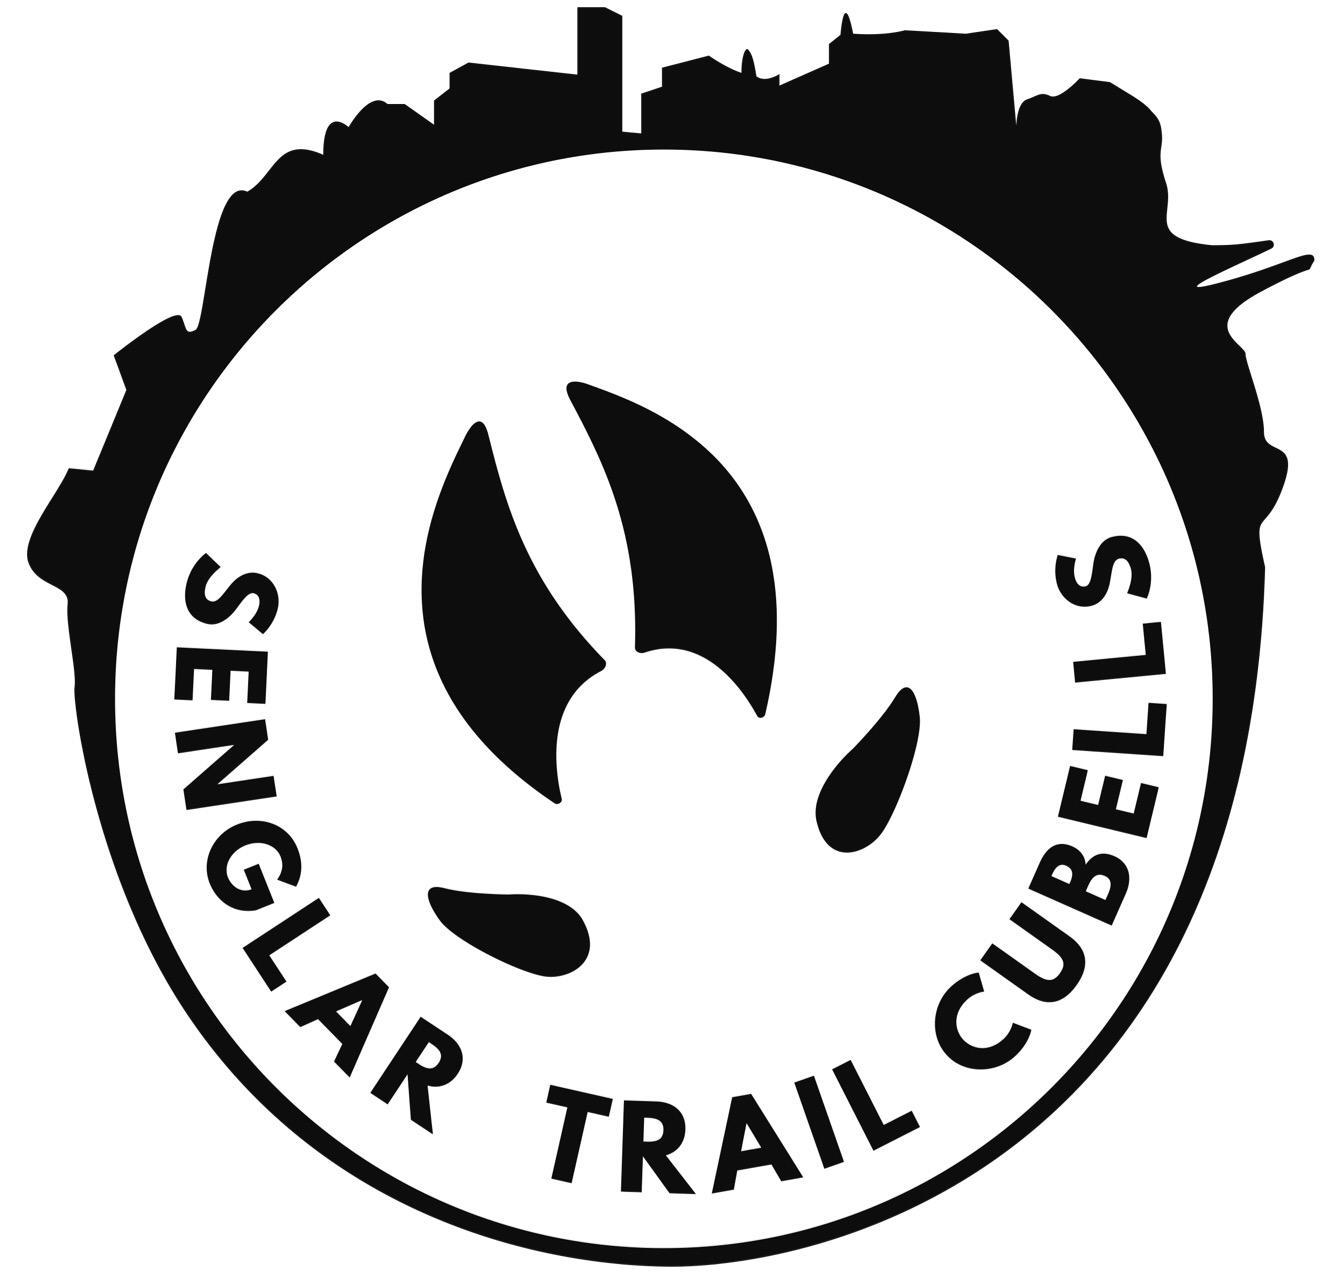 SENGLAR TRAIL CUBELLS